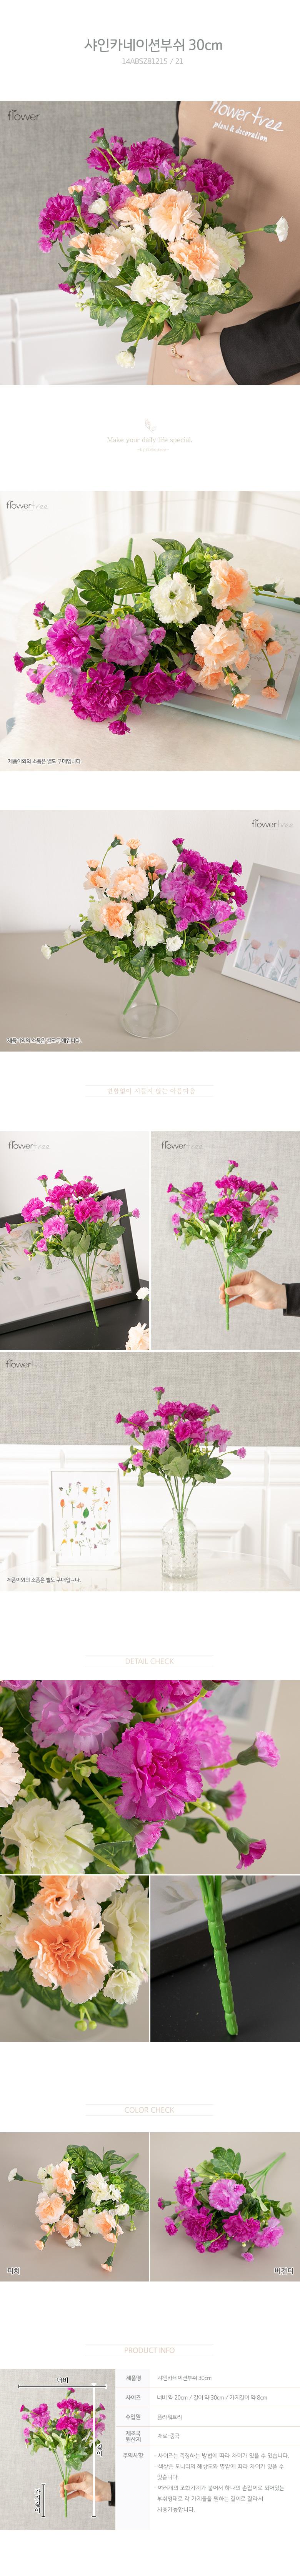 샤인 카네이션 부쉬o 30cm 조화 성묘 꽃 어버이날 인테리어 FAICFT - 플라워트리, 3,400원, 조화, 부쉬